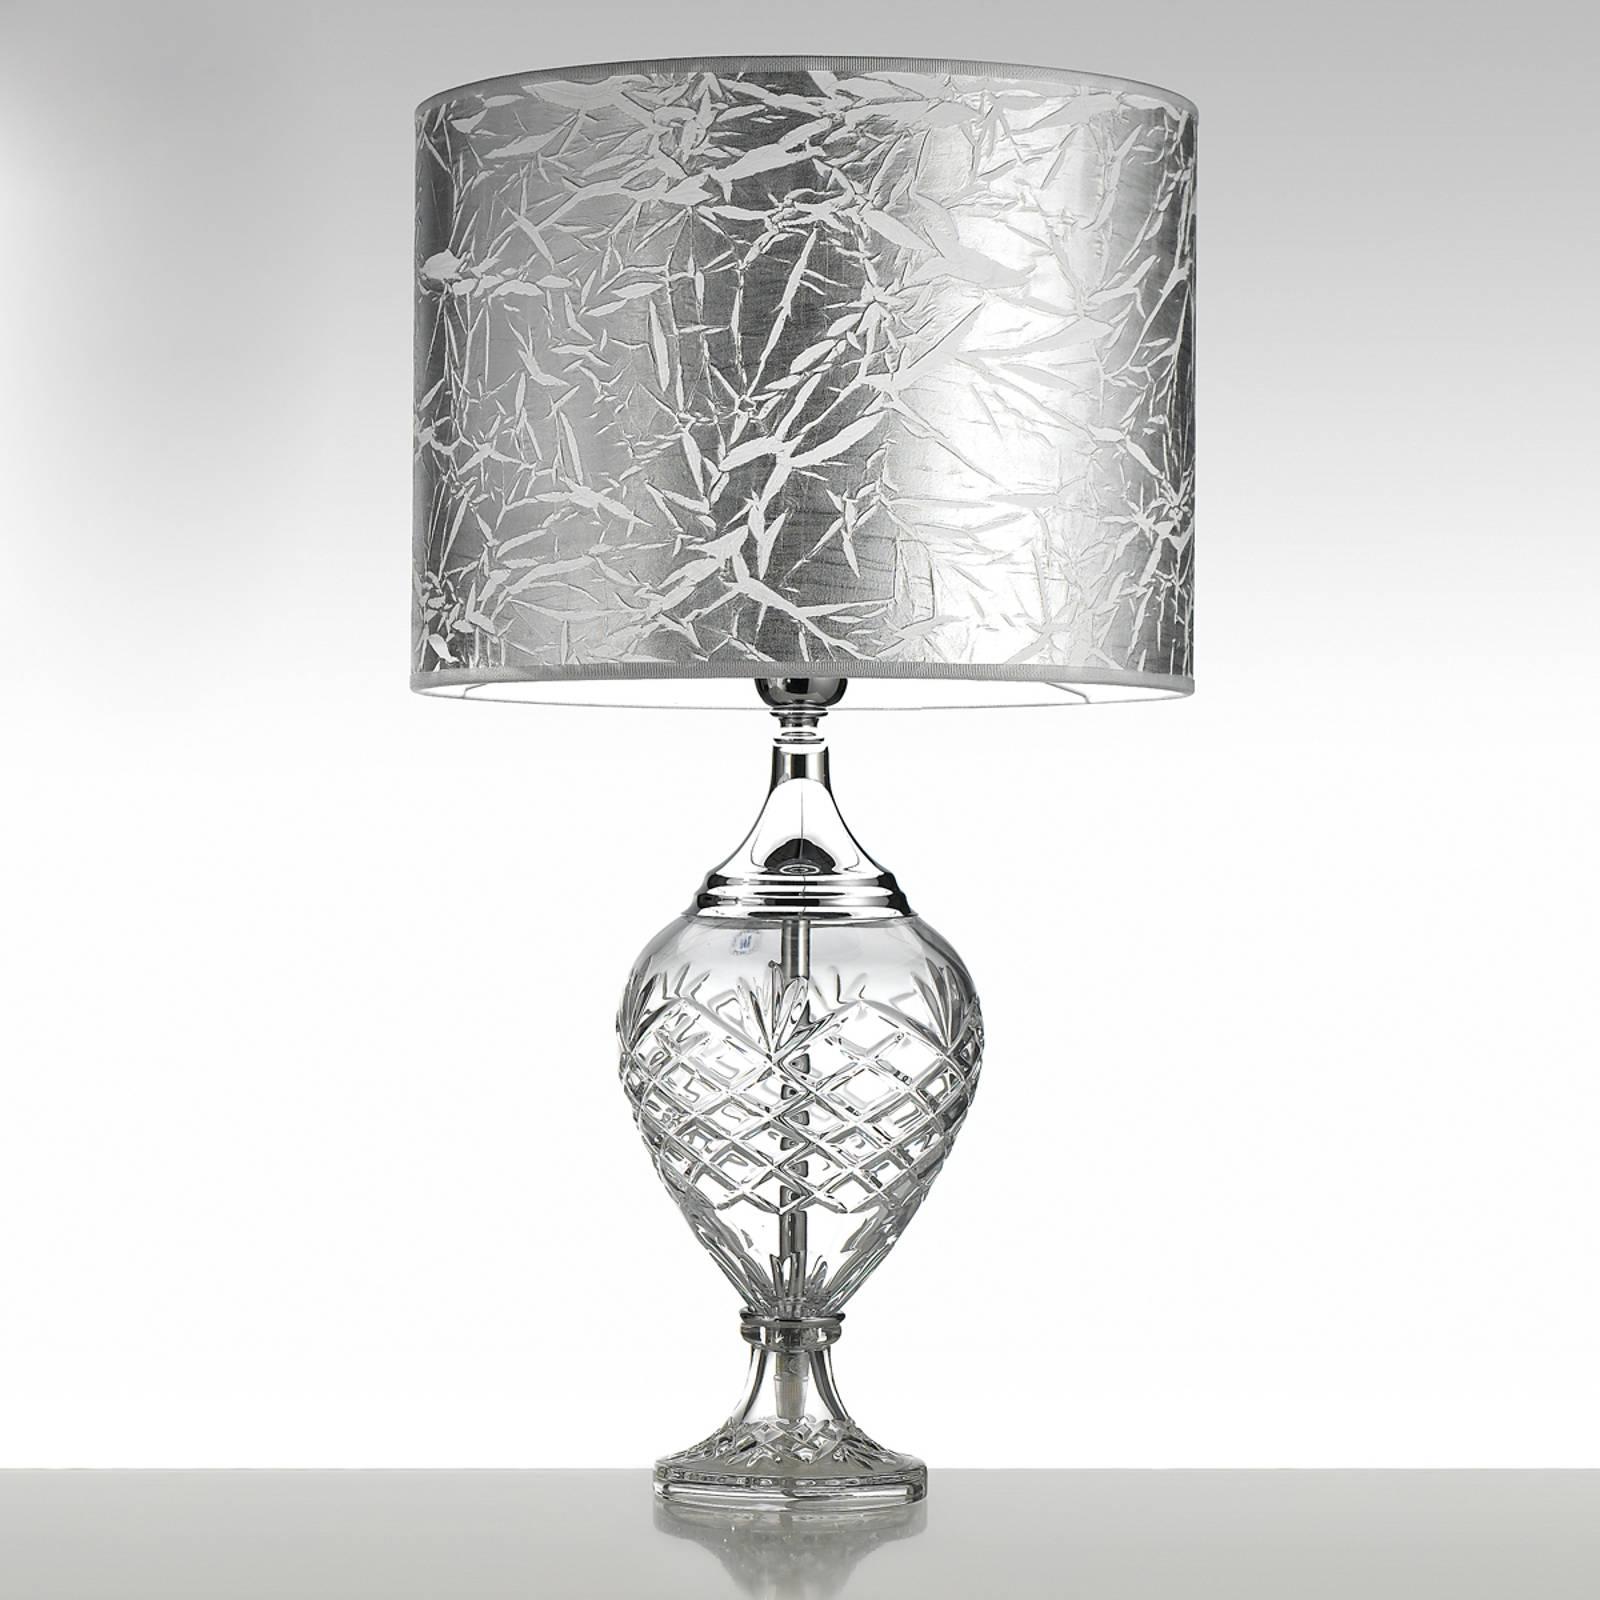 nachttischlampen und andere lampen von cremasco online kaufen bei m bel garten. Black Bedroom Furniture Sets. Home Design Ideas